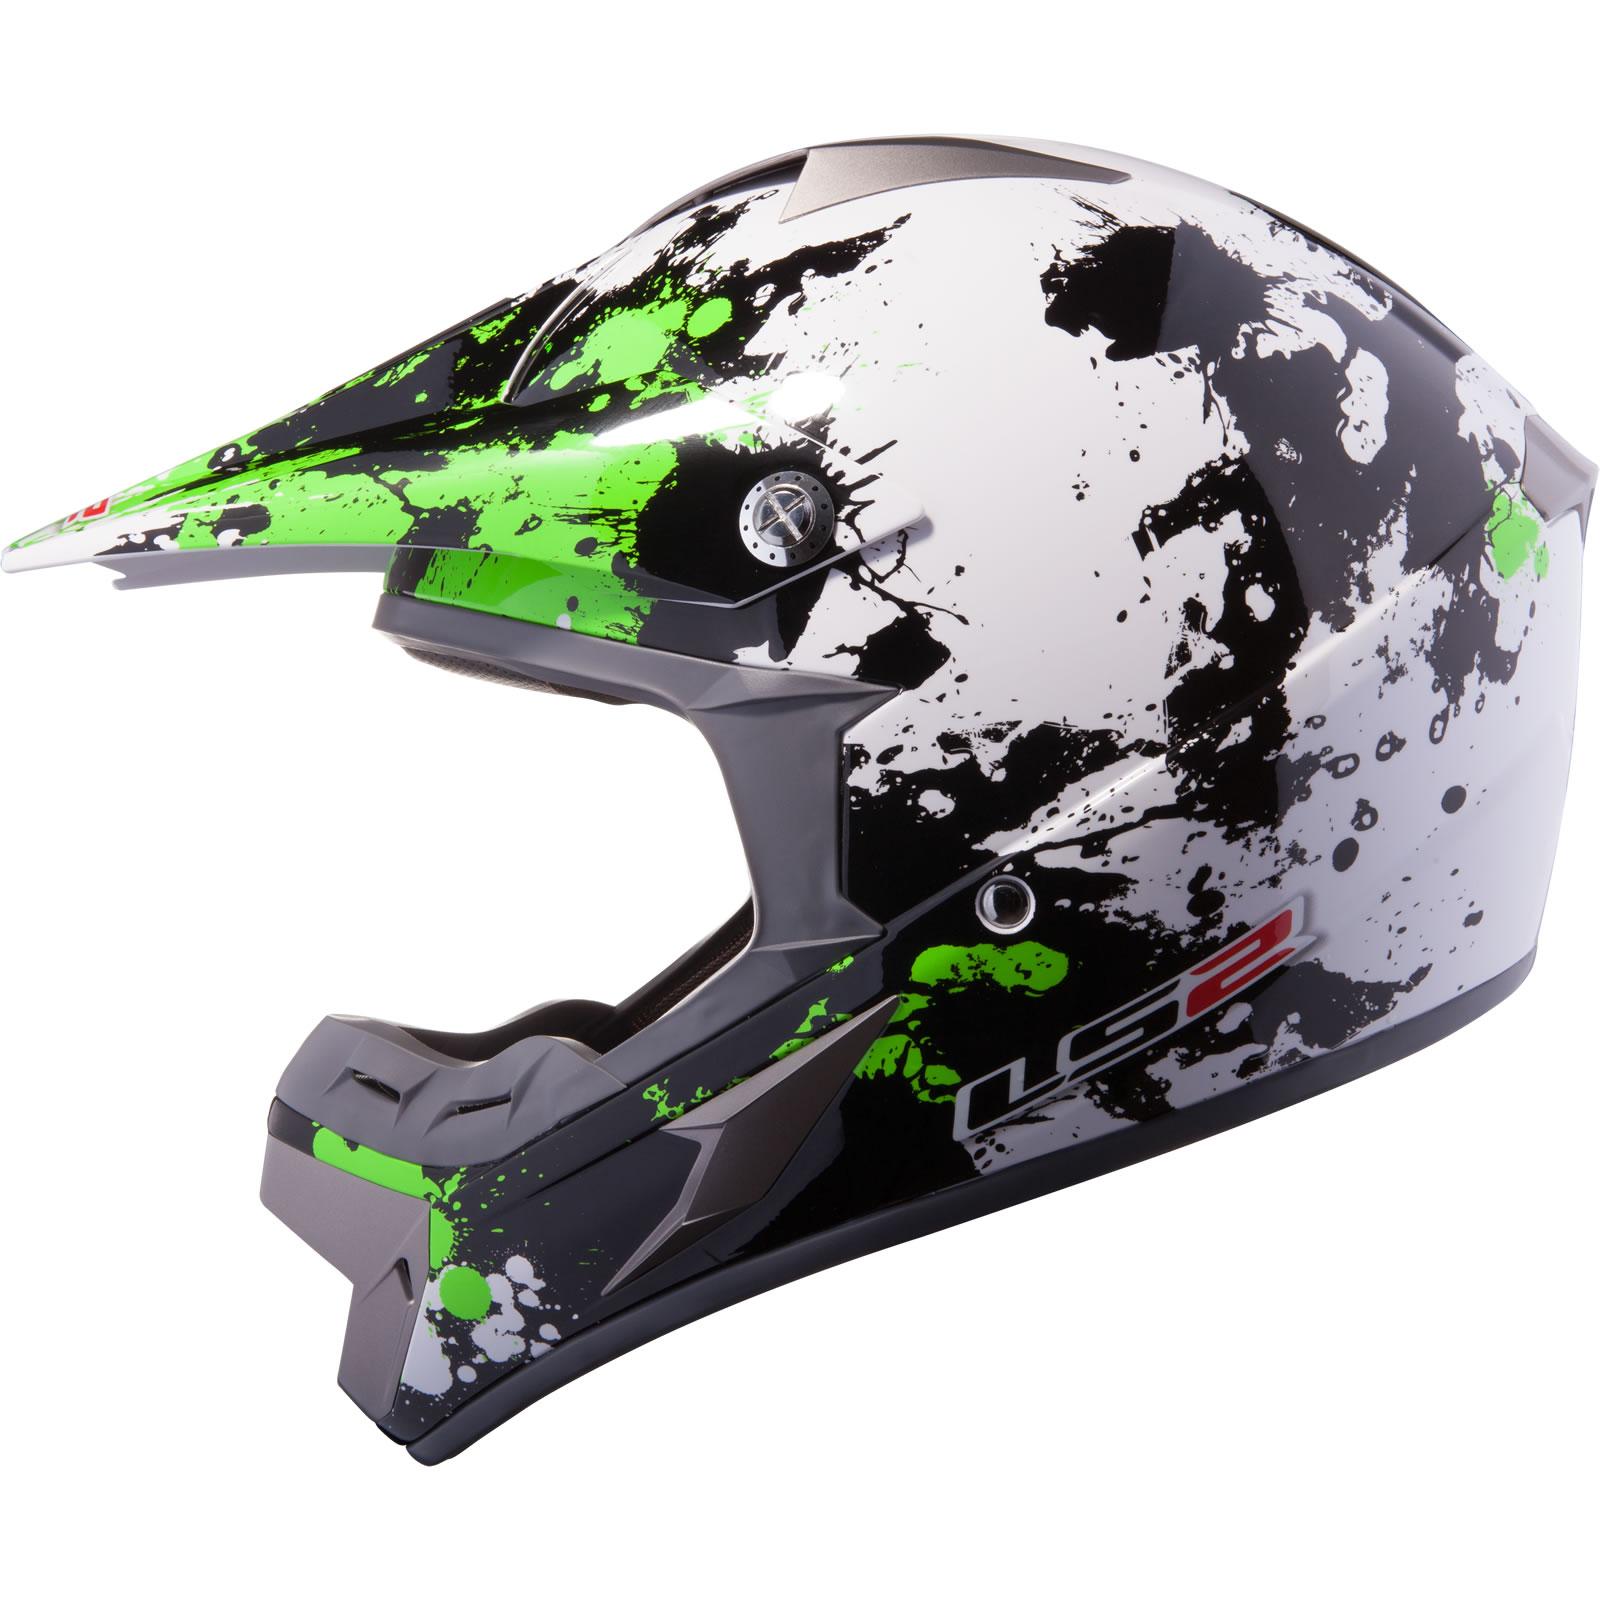 ... Blast White Black Green Motocross Helmet Moto-X ATV Off Road MX | eBay